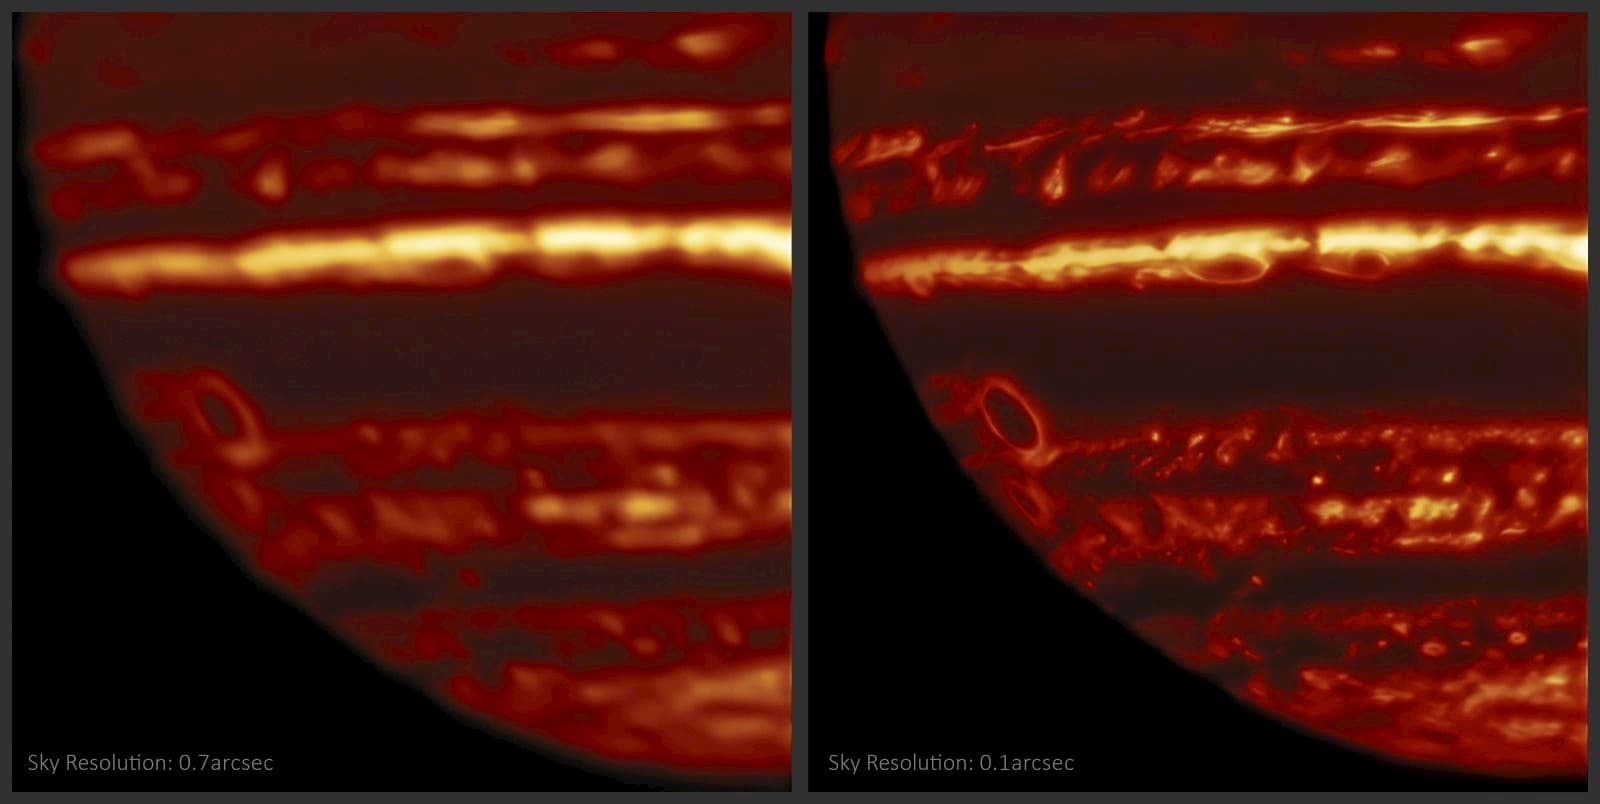 Imagens em infravermelho de Júpiter